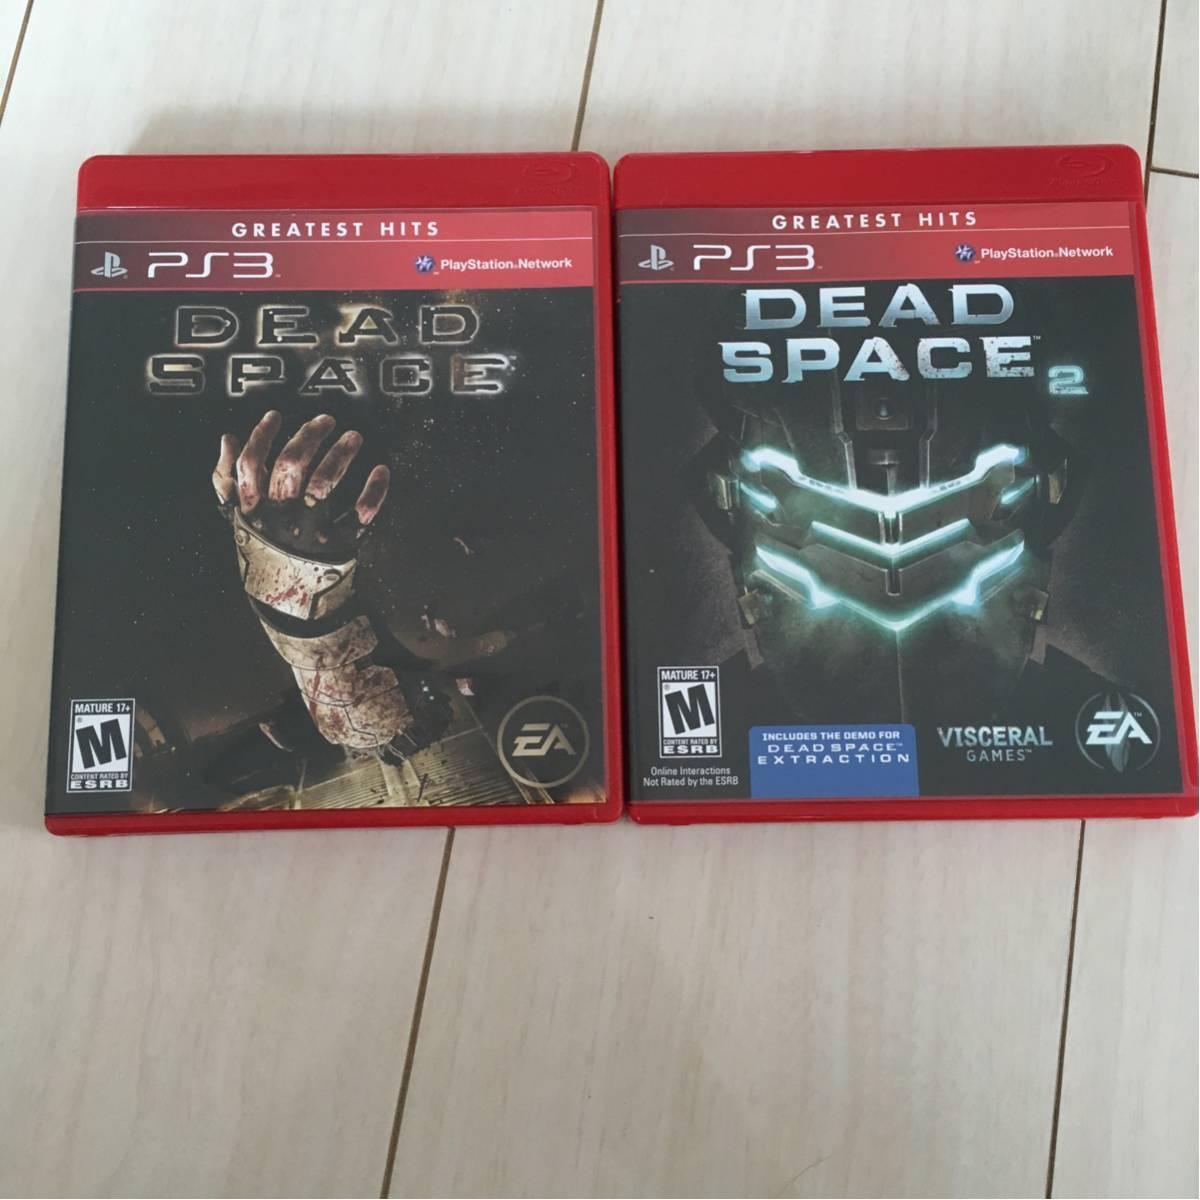 極美品 同梱可 ps3 ソフト 海外版 デッドスペース 1 2 セット DEAD SPACE 国内版ps3動作可